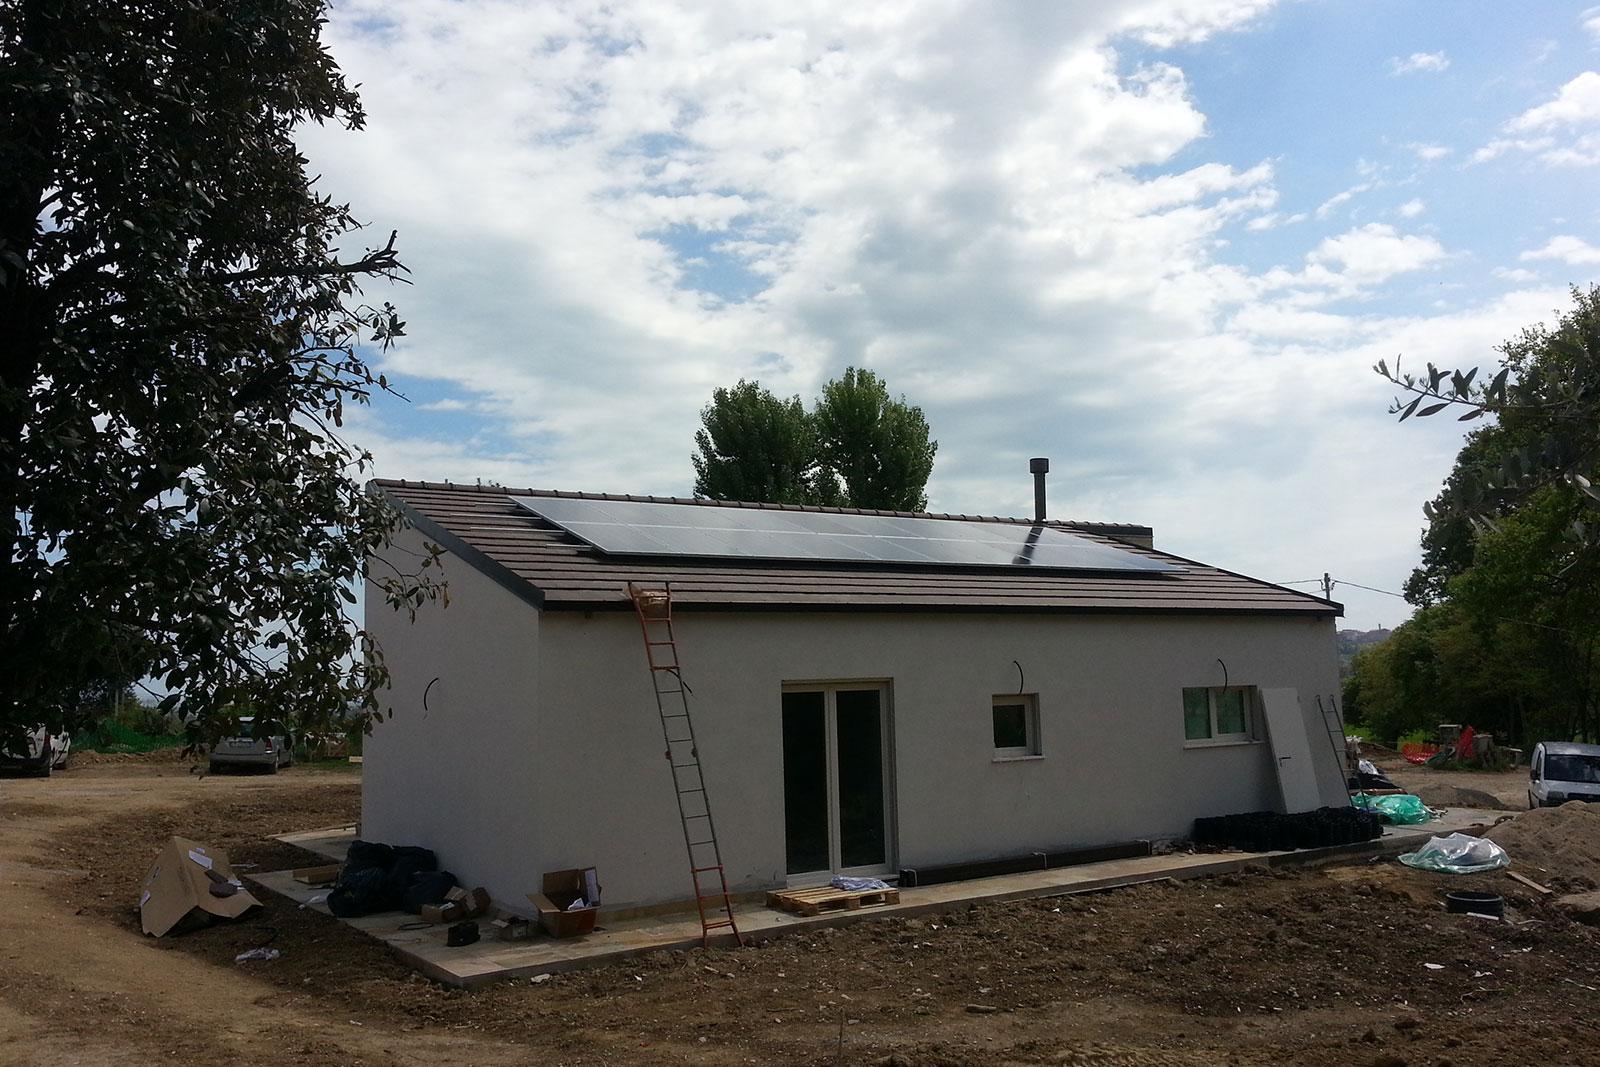 Casa-in-legno-fotovoltaico